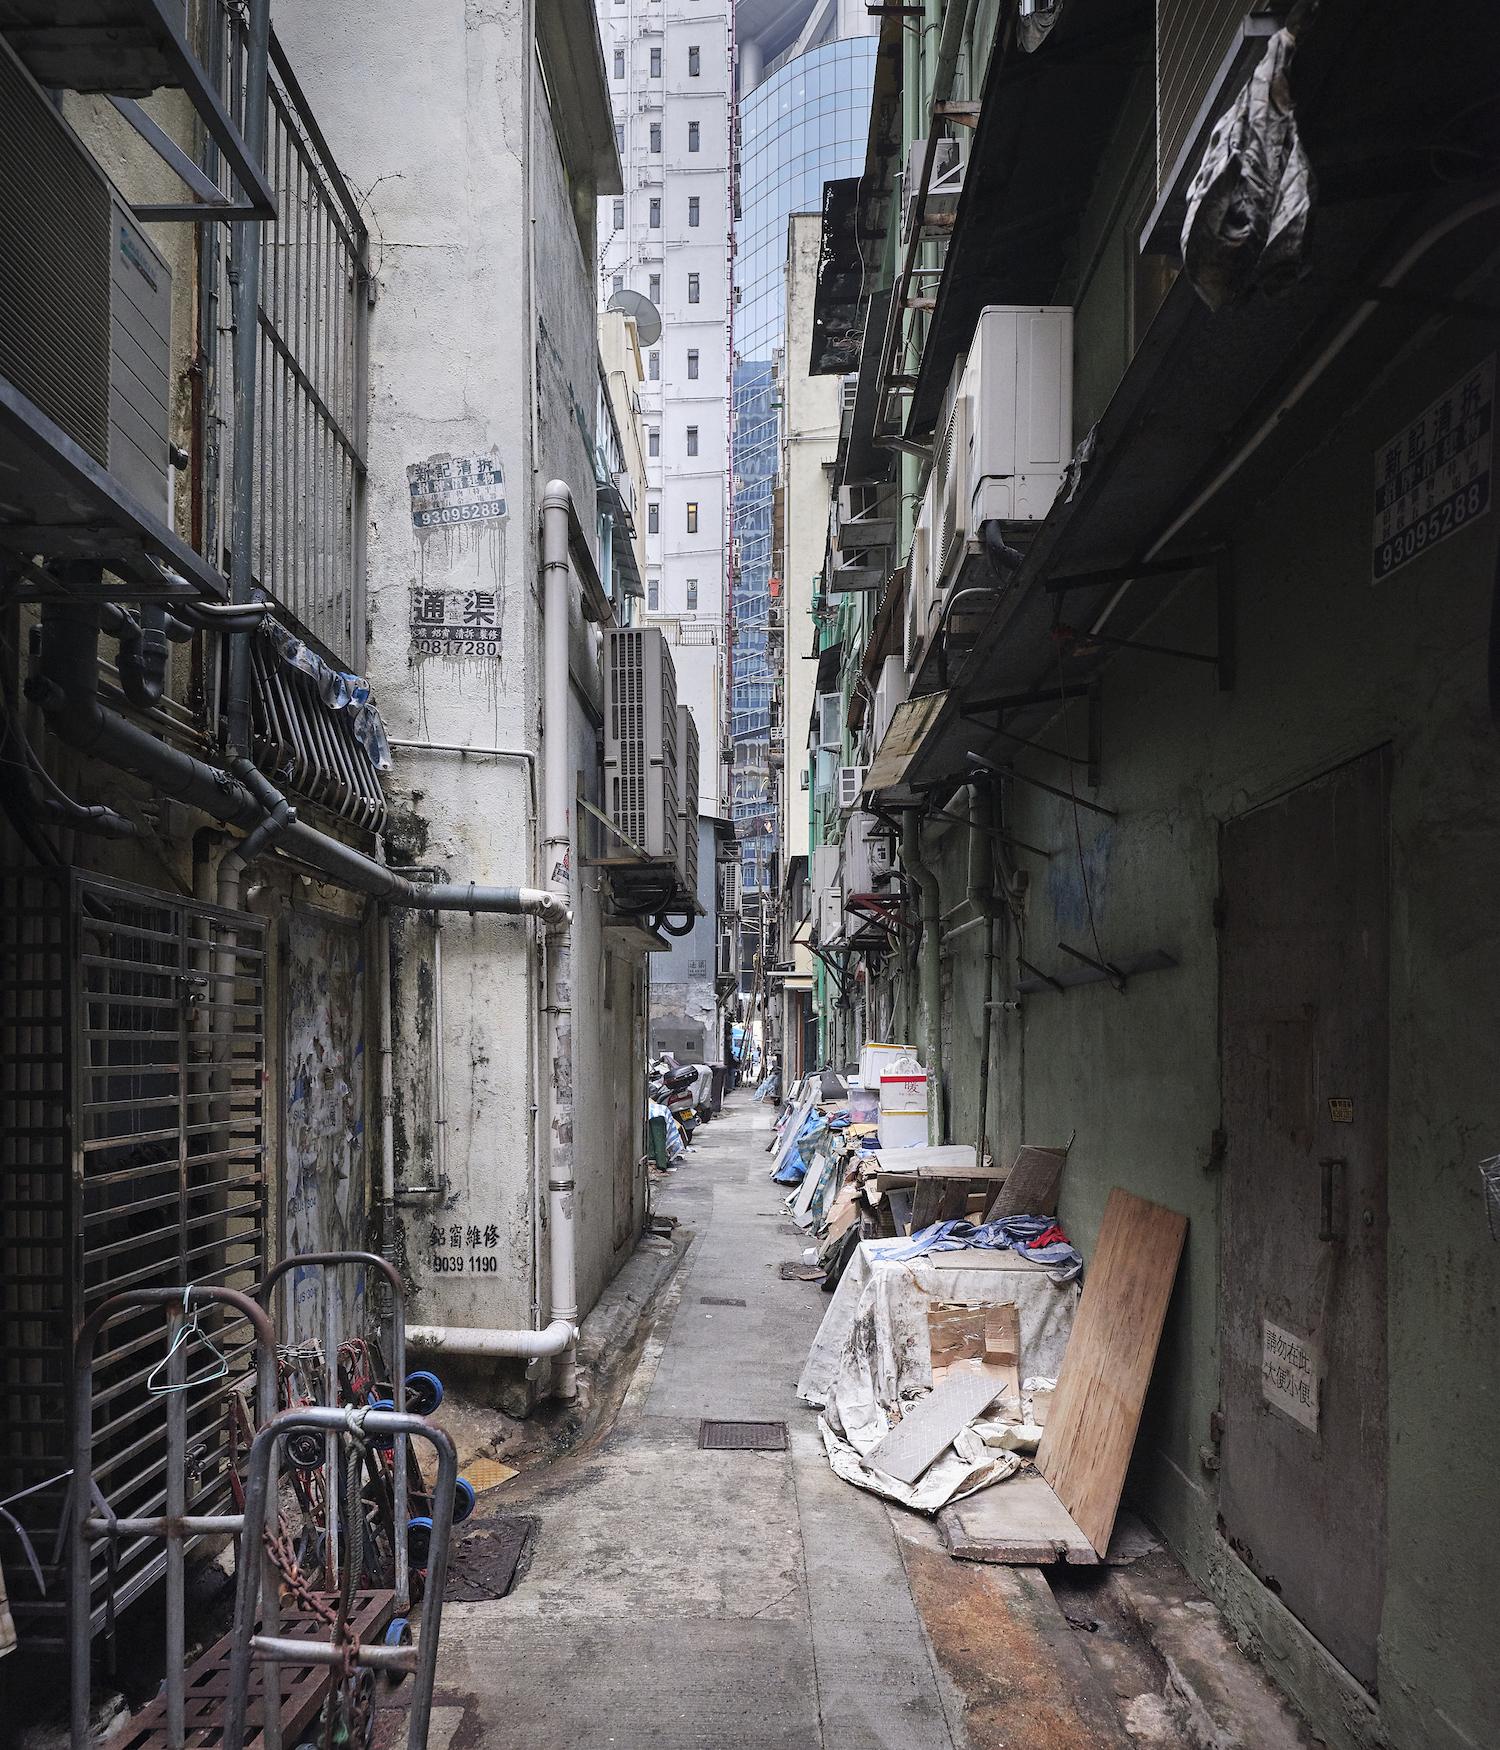 © Matthias Forster (Zurich, Switzerland) | Metropolis Sunday Hongkong Series